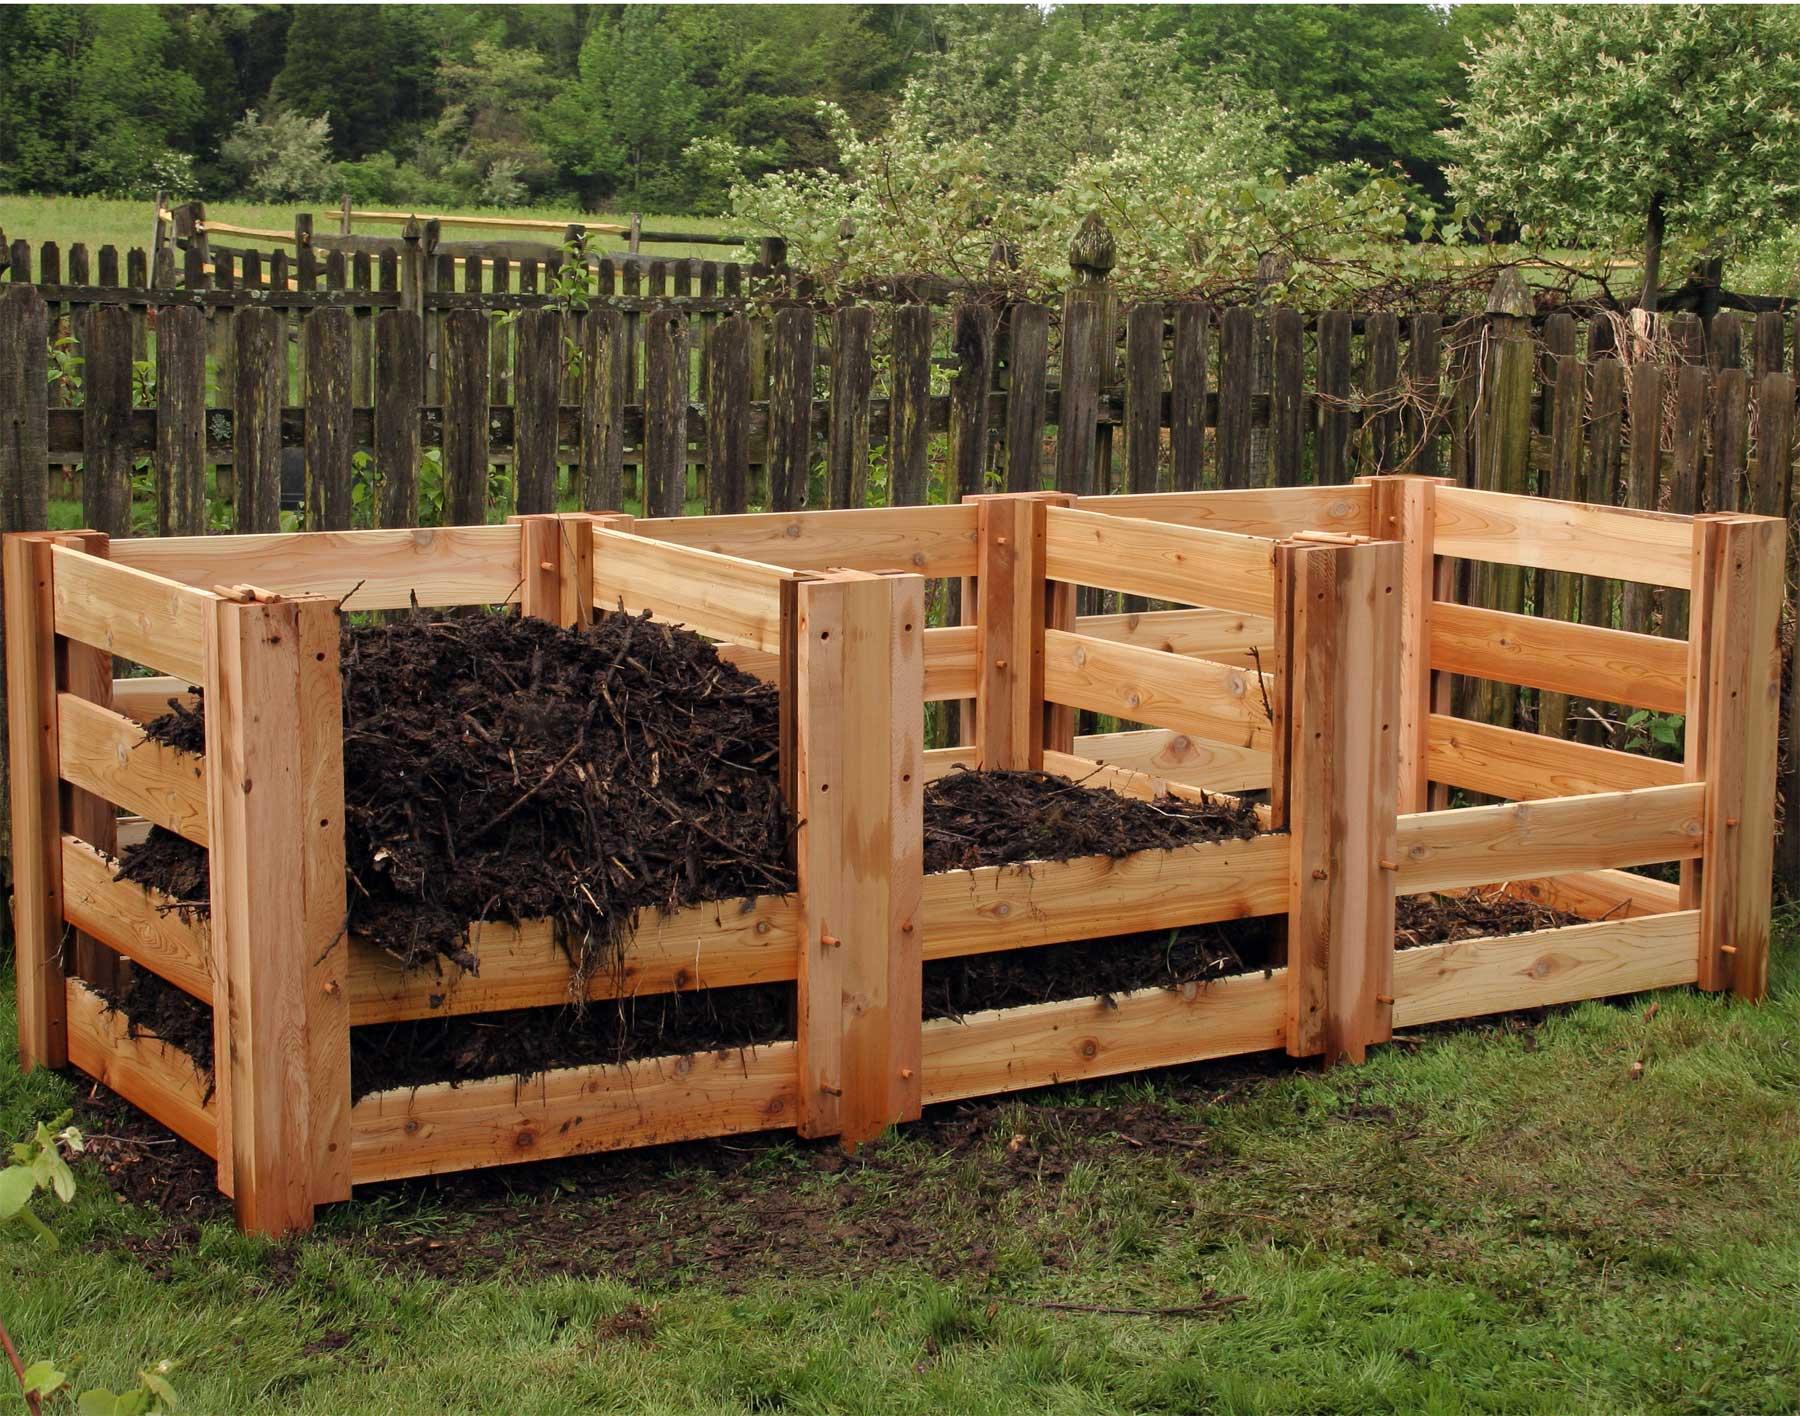 A typical design for a three bin compost heap  Photo Courtesy of: Renoir's Home & Garden